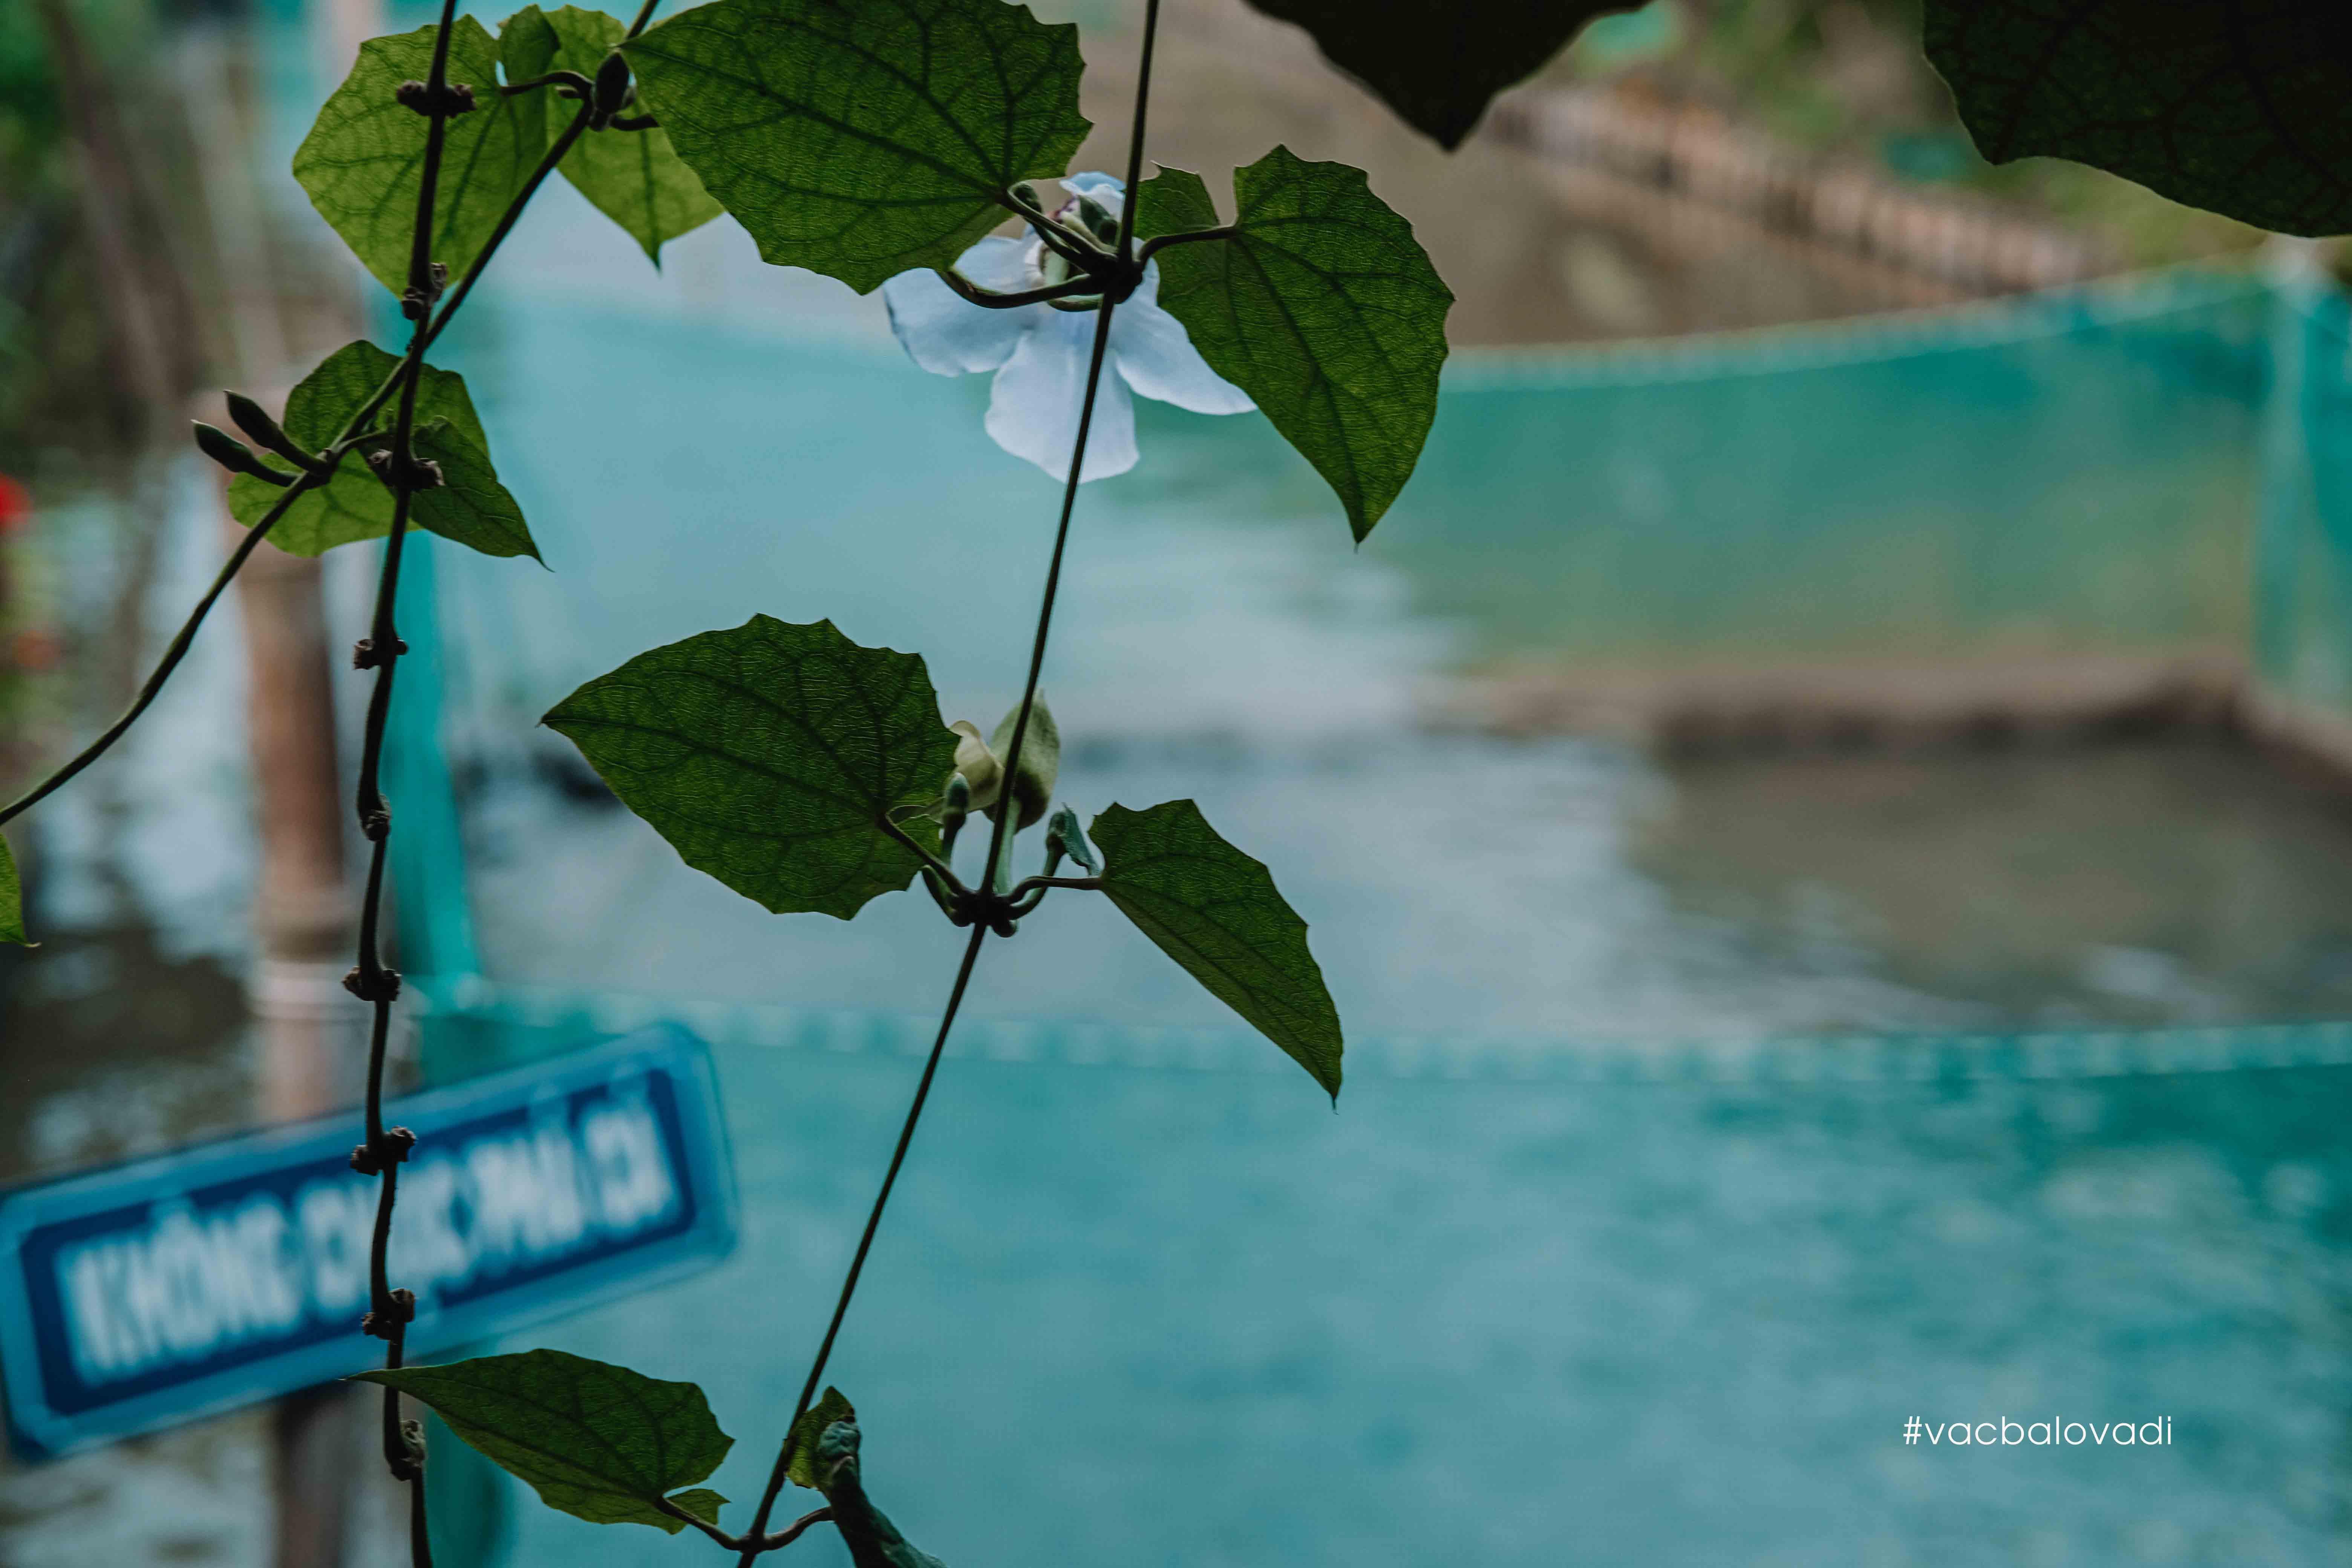 Cá Lóc bay ở Cồn Sơn #Vacbalovadi